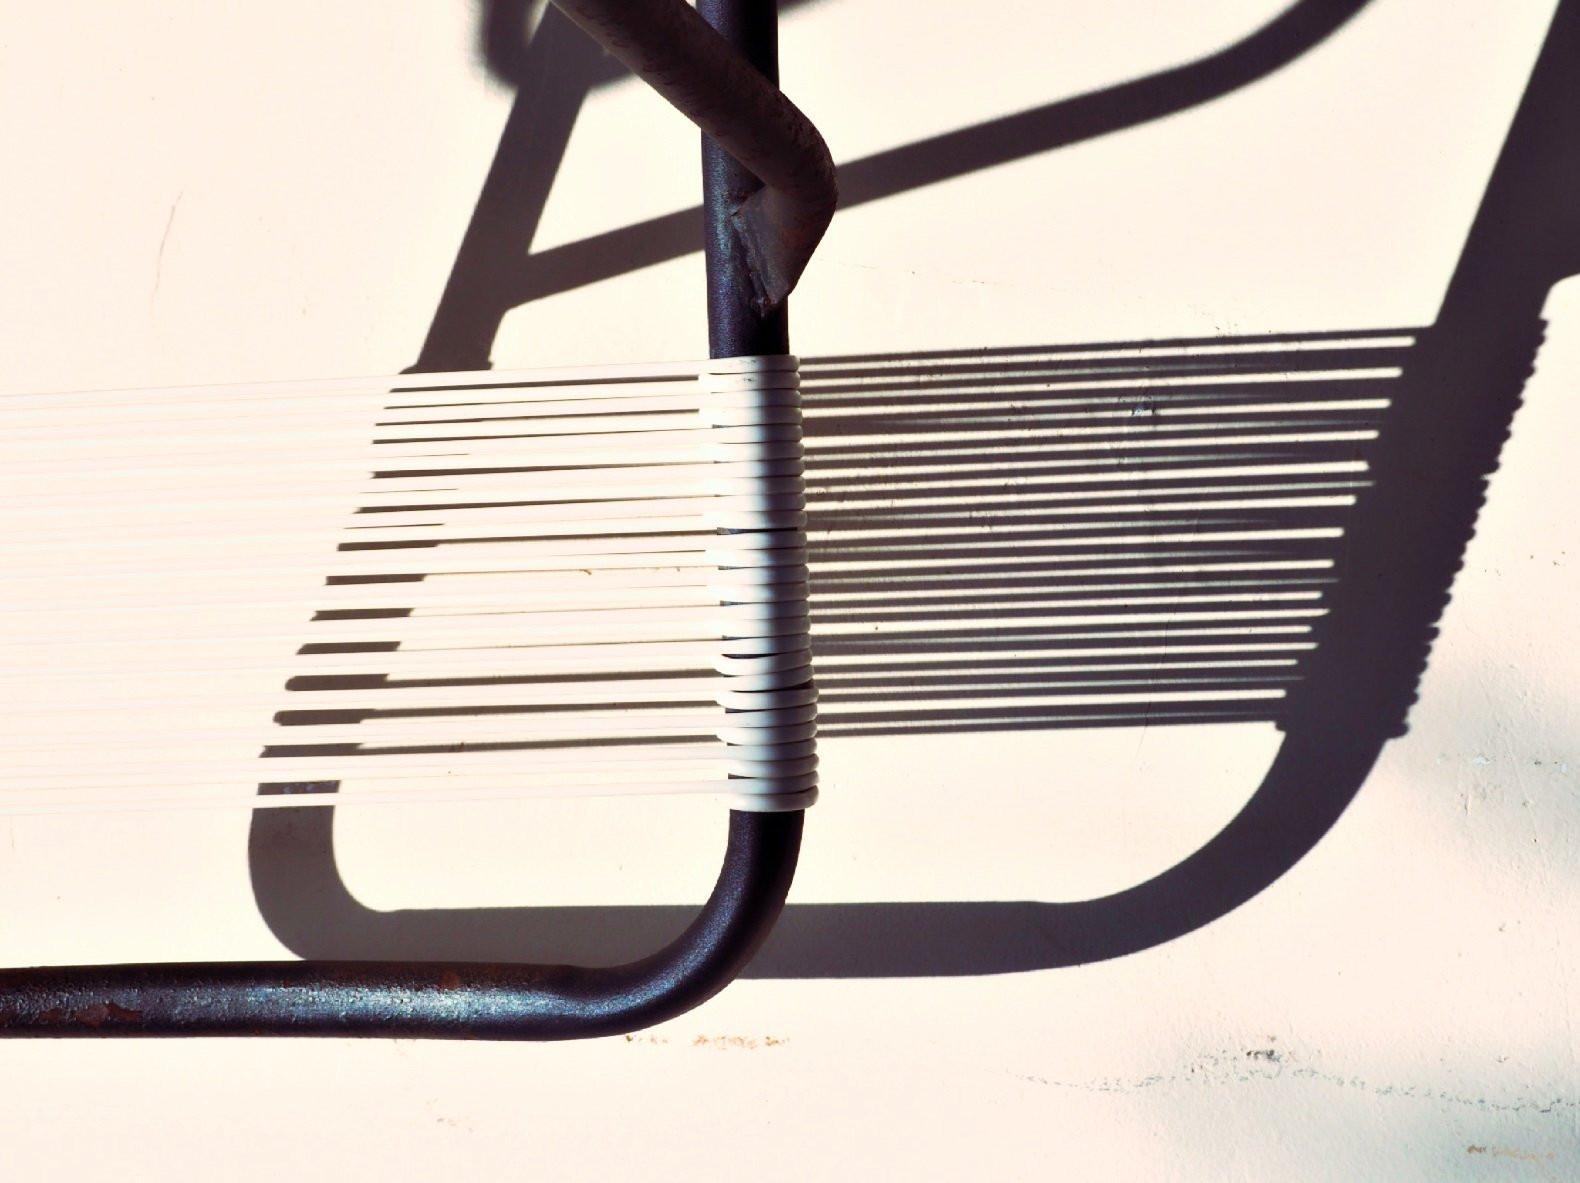 Hintergrundbilder : Malerei, Mauer, Sessel, Metall, Linien, Kunststoff,  Olymp, KUNST, Schwarz Und Weiß, Schatten, Flickr, Künstlerisch, Schwarz  Weiss, Möbel ...